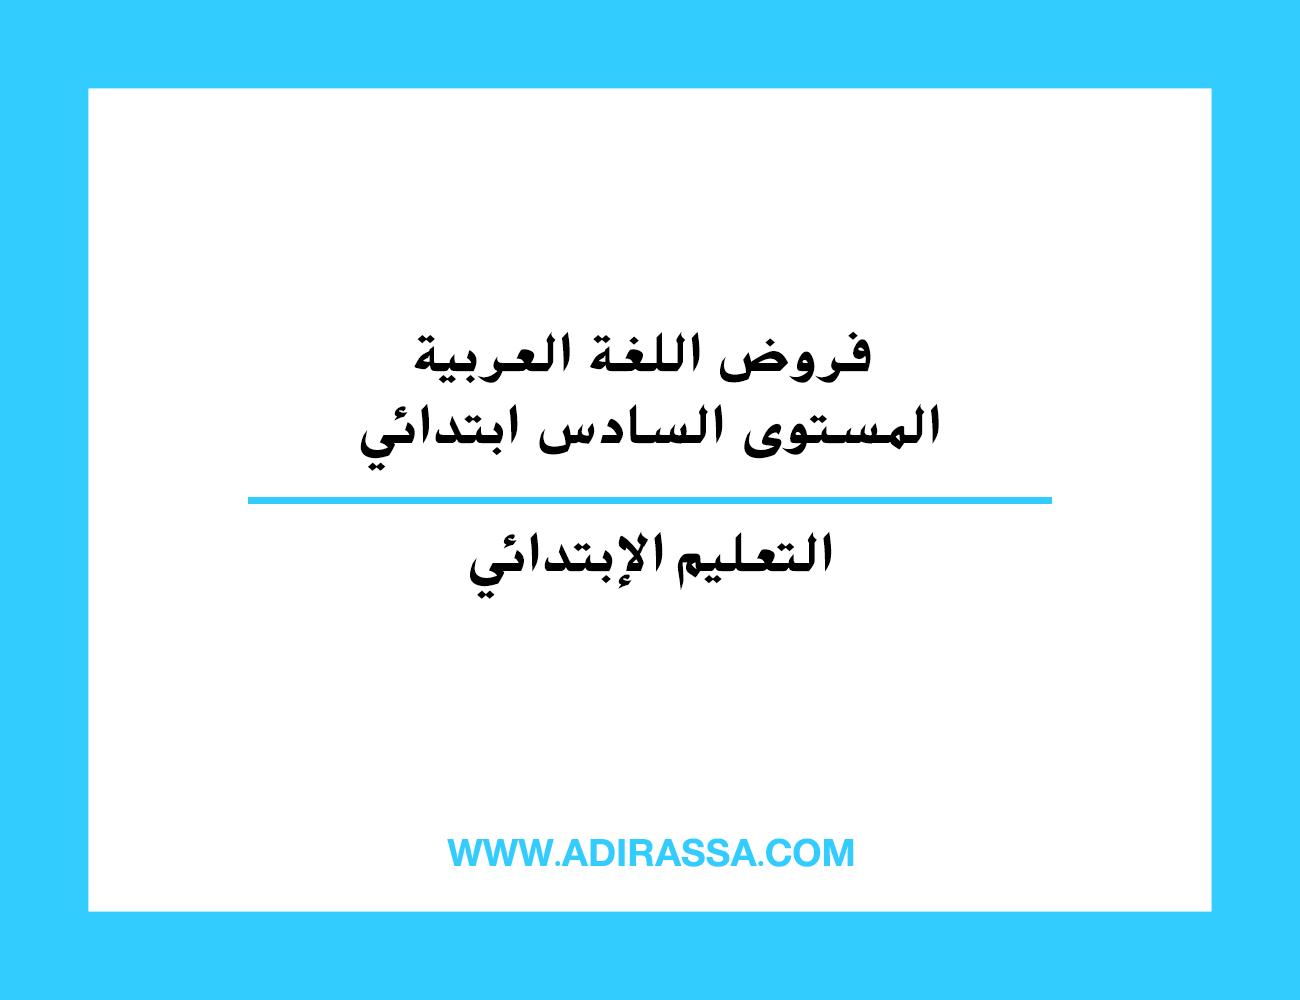 فروض اللغة العربية المستوى السادس ابتدائي في المدرسة المغربية